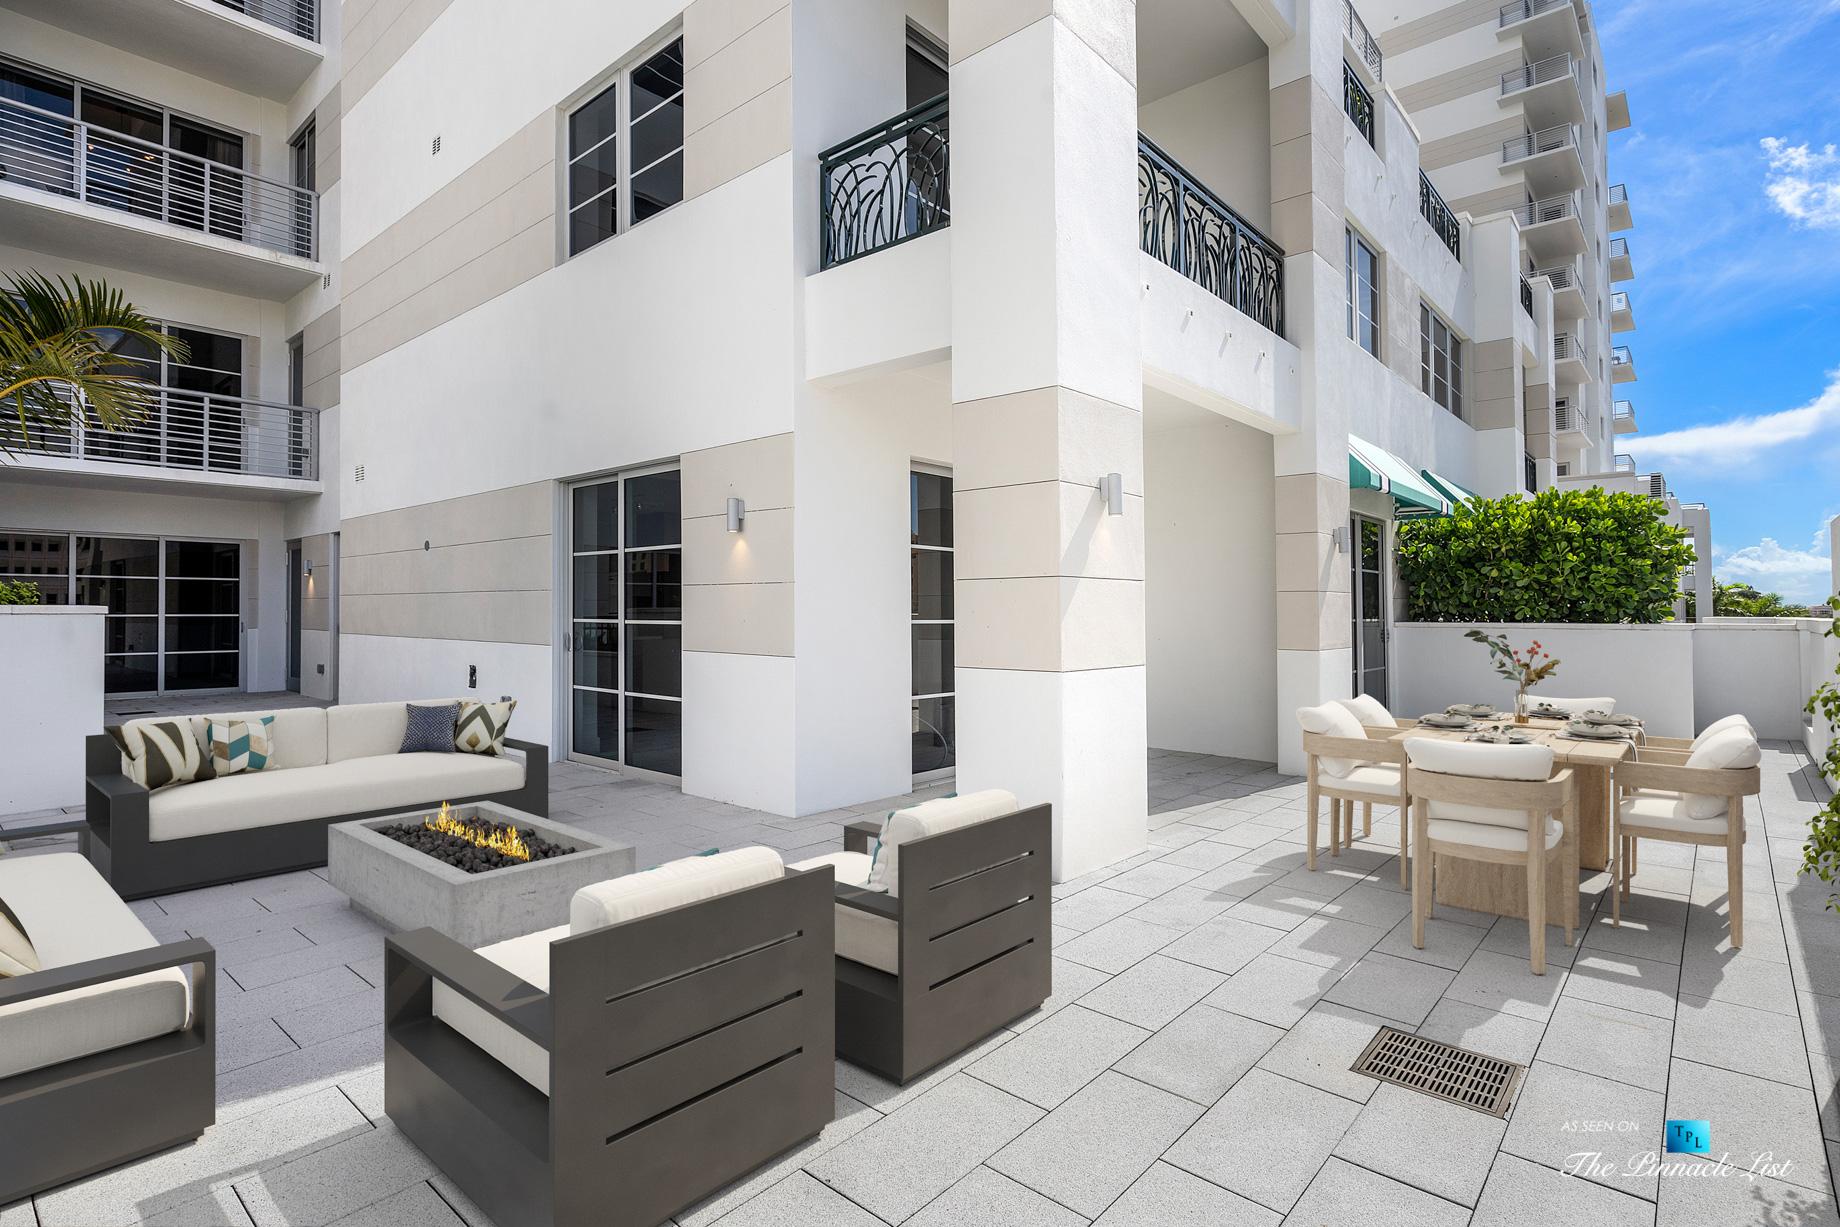 Boca Tower 155 Luxury Condo – Unit 416, 155 E Boca Raton Rd, Boca Raton, FL, USA – Private Outdoor Terrace